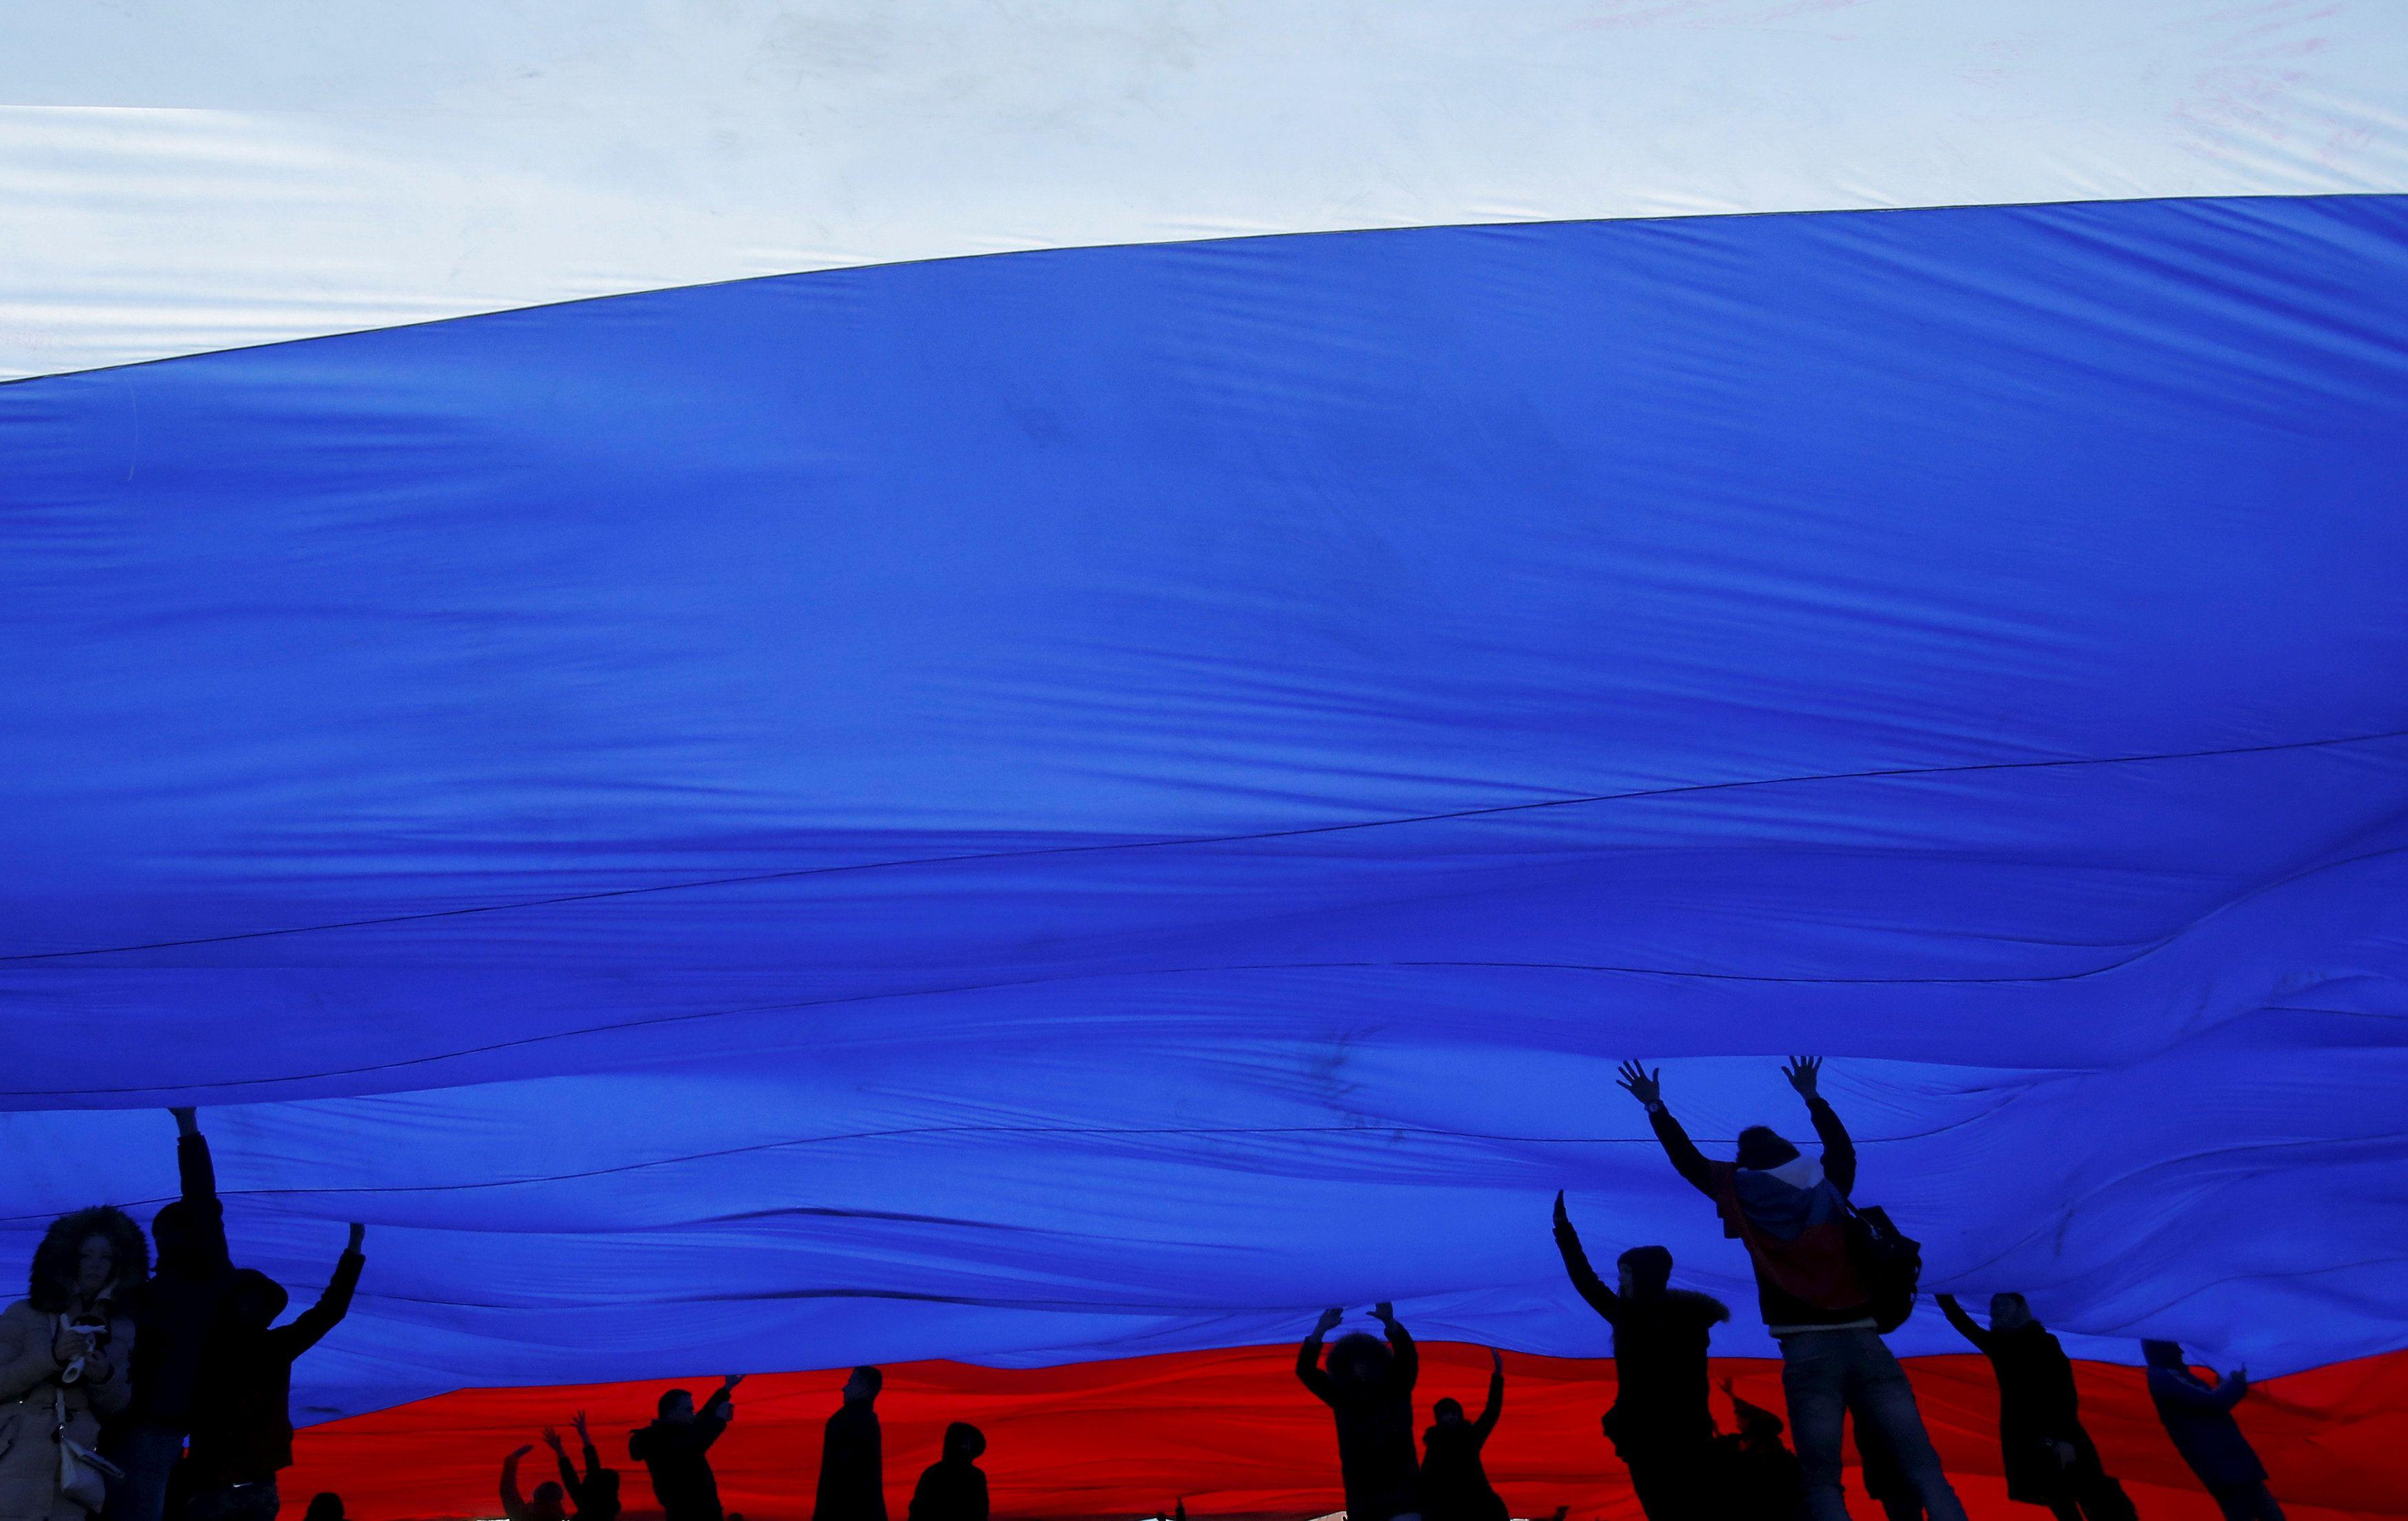 Герман Обухов сказал, что в России есть признаки фашизма, присущие нацистской Германии